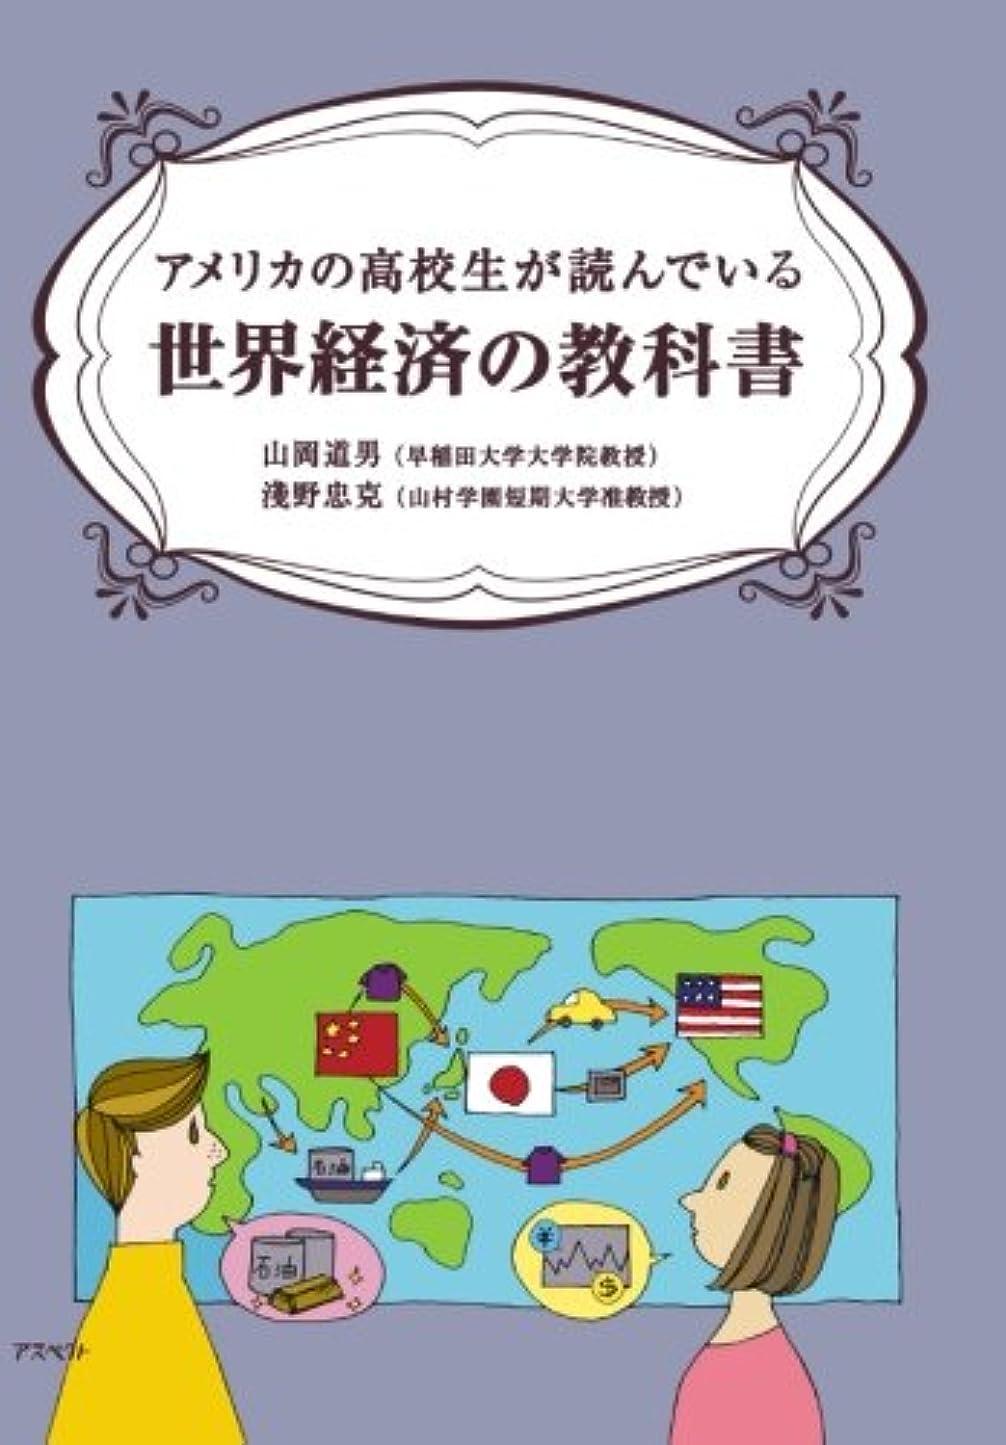 哲学的定常立ち向かうアメリカの高校生が読んでいる世界経済の教科書